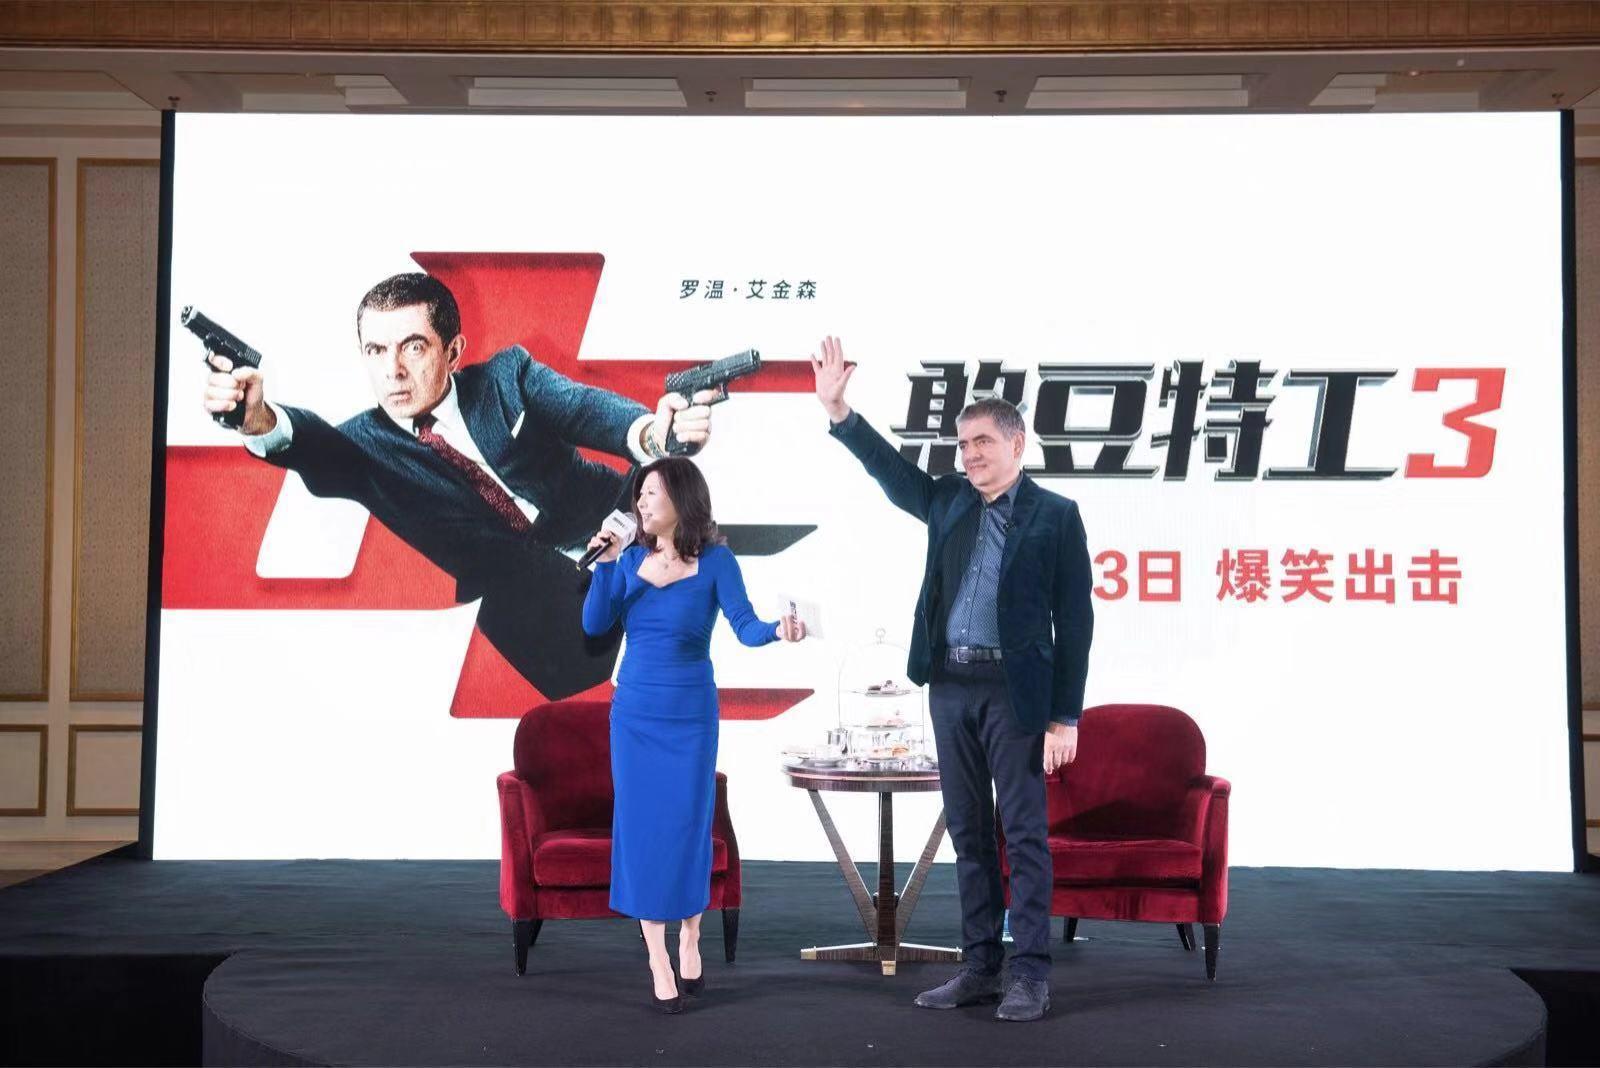 """憨豆特工3上海举办发布会英伦特工解锁""""茶艺""""新技能"""